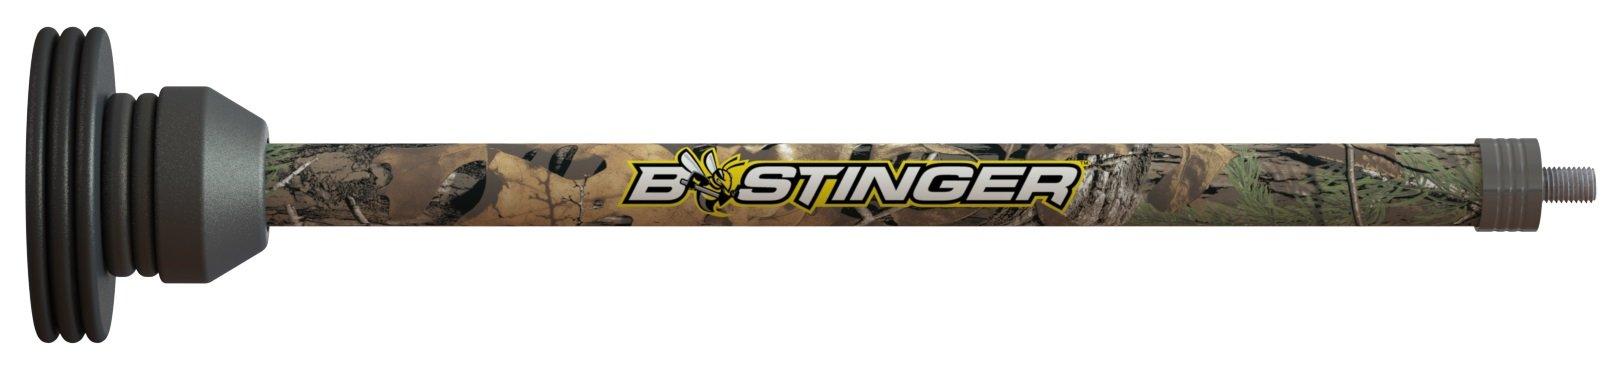 Bee Stinger Pro Hunter Maxx Stabilizer, Realtree Xtra, 8''